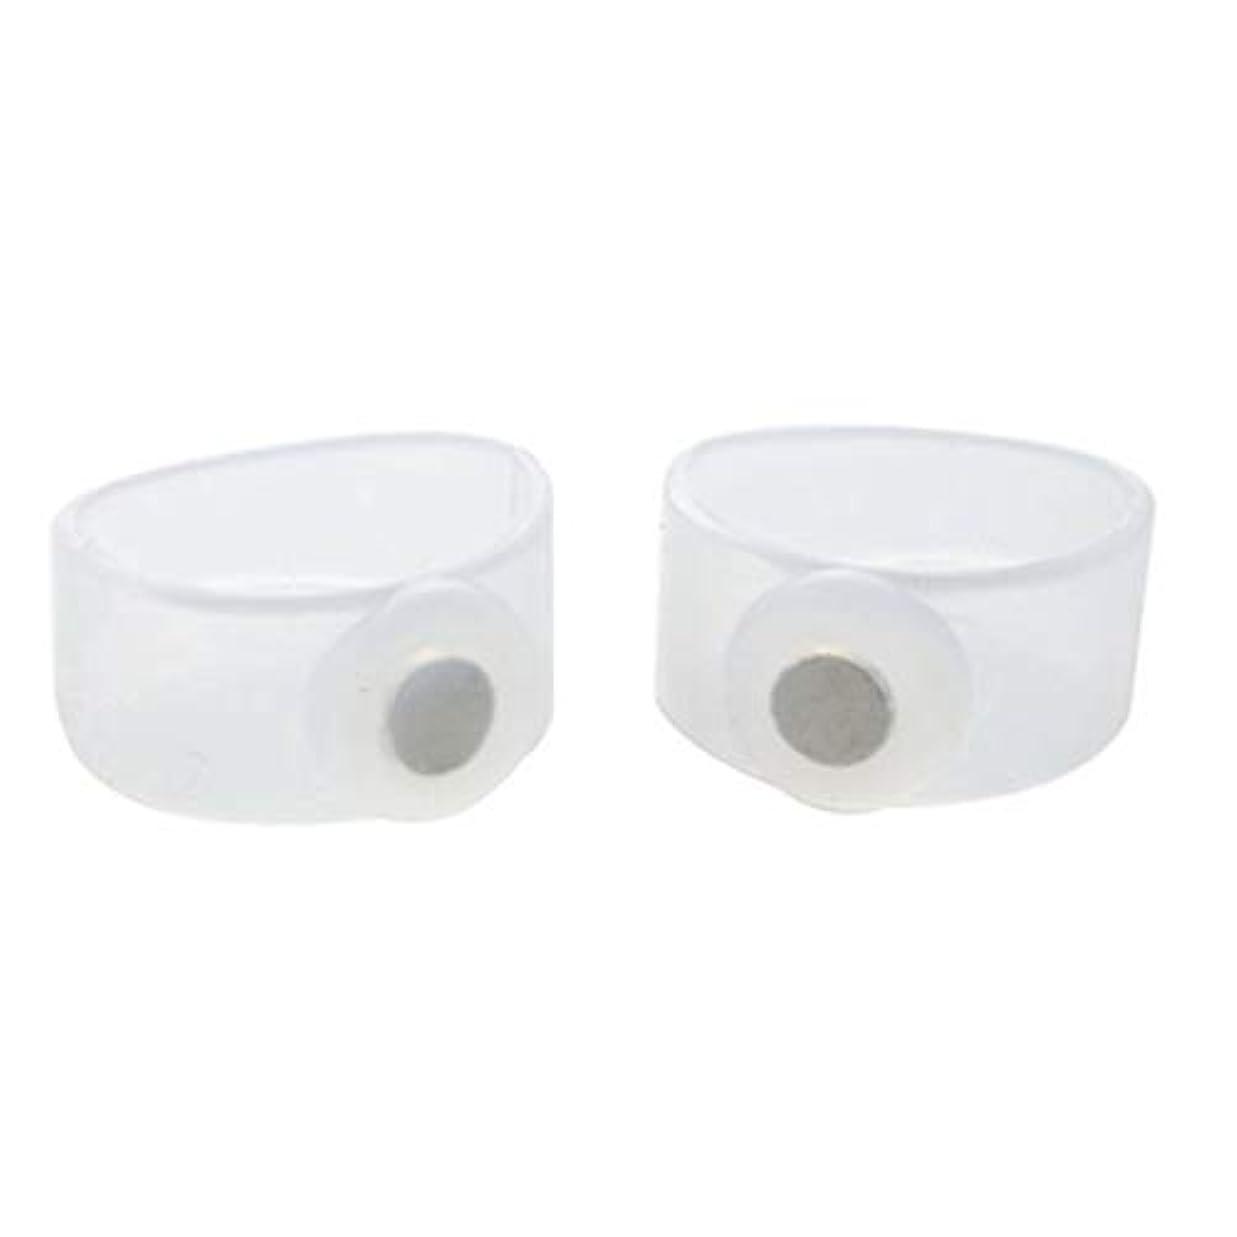 スパイぼんやりしたコスト2ピース痩身シリコン磁気フットマッサージャーマッサージリラックスつま先リング用減量ヘルスケアツール美容製品 - 透明